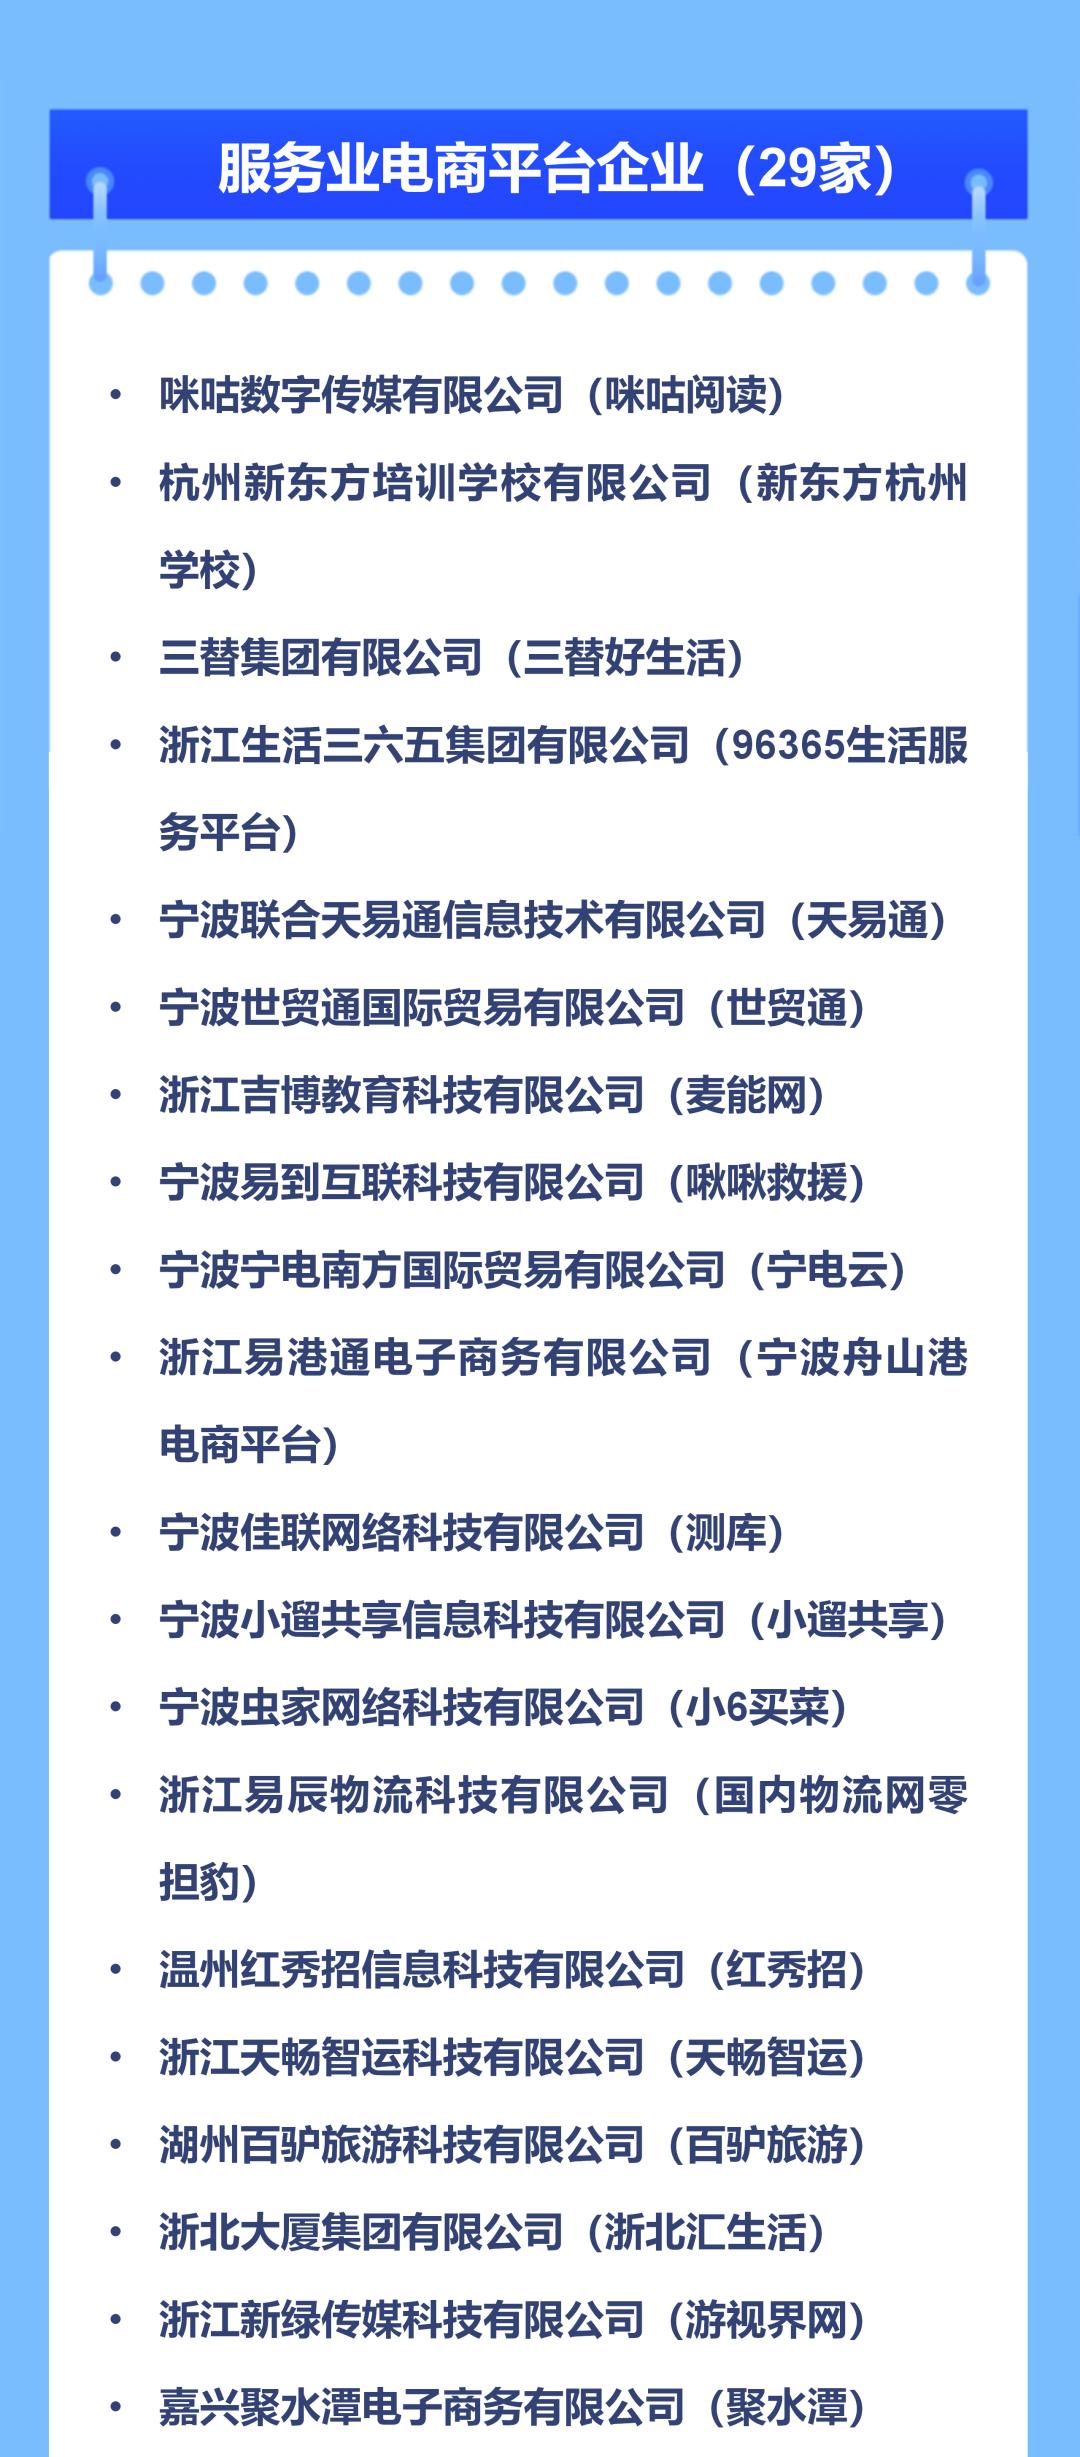 浙江省重点培育电商平台发布:29家服务业电商平台入选